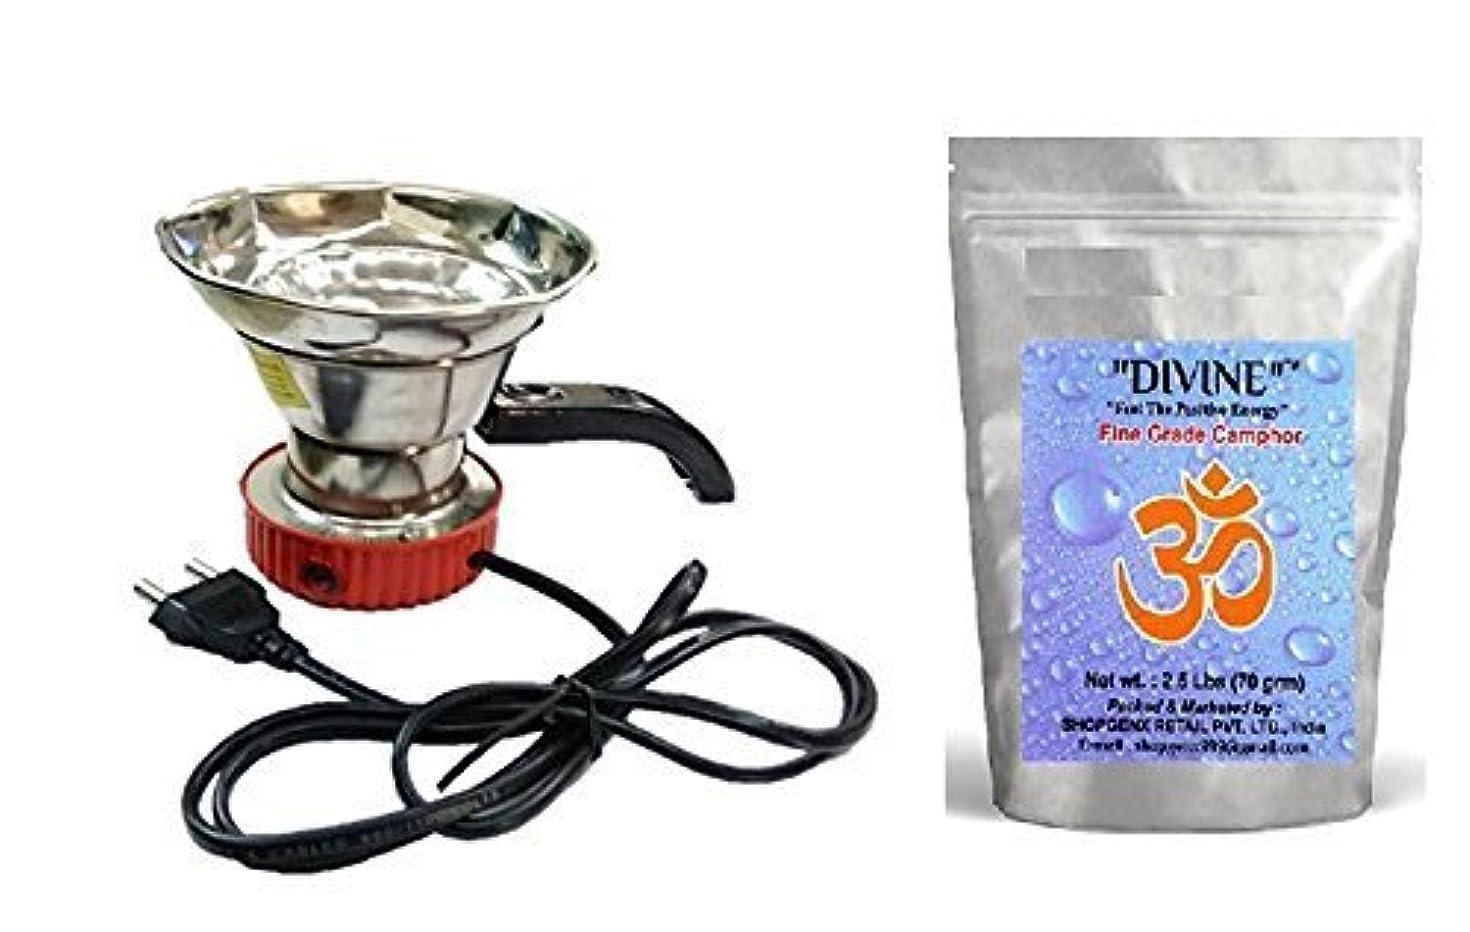 メニュー謙虚な探すElectric Dhoop Dani Incense Burner 12 cm Free 70 GM Camphor For Positive Energy